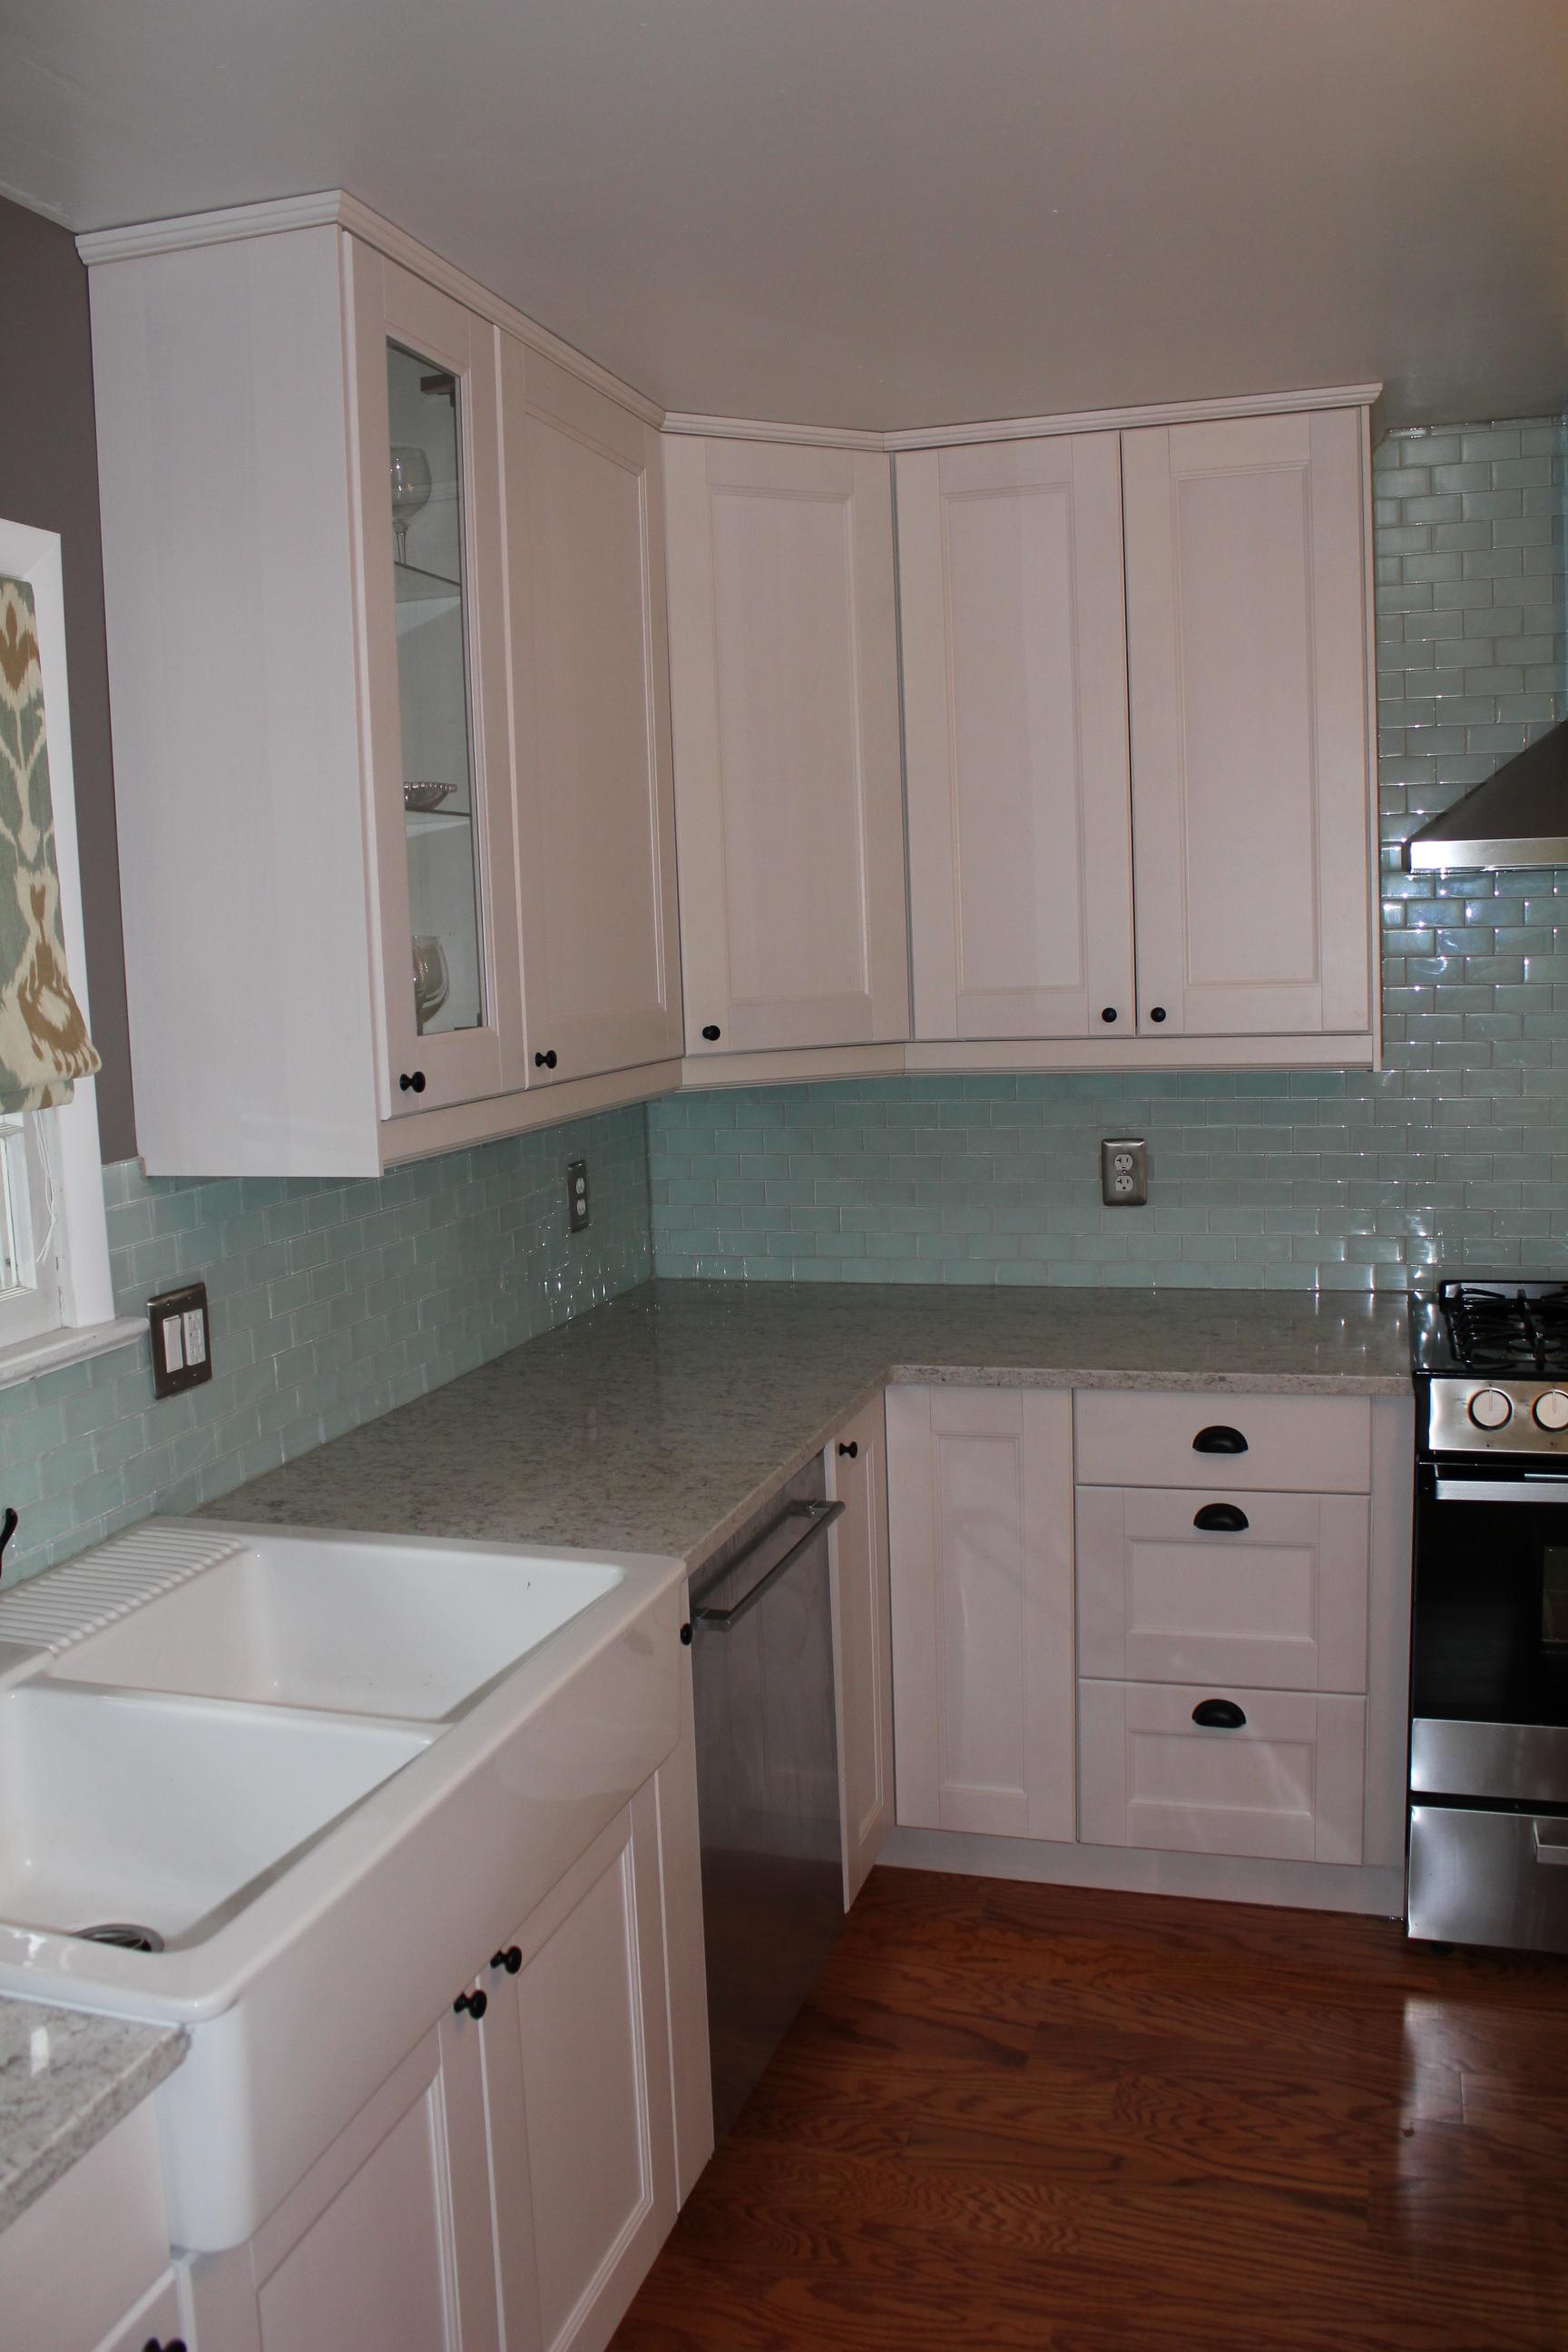 stylish kitchen remodel kitchen remodel denver Bathroom Kitchen Remodeling Basement Finishing Contractor Denver